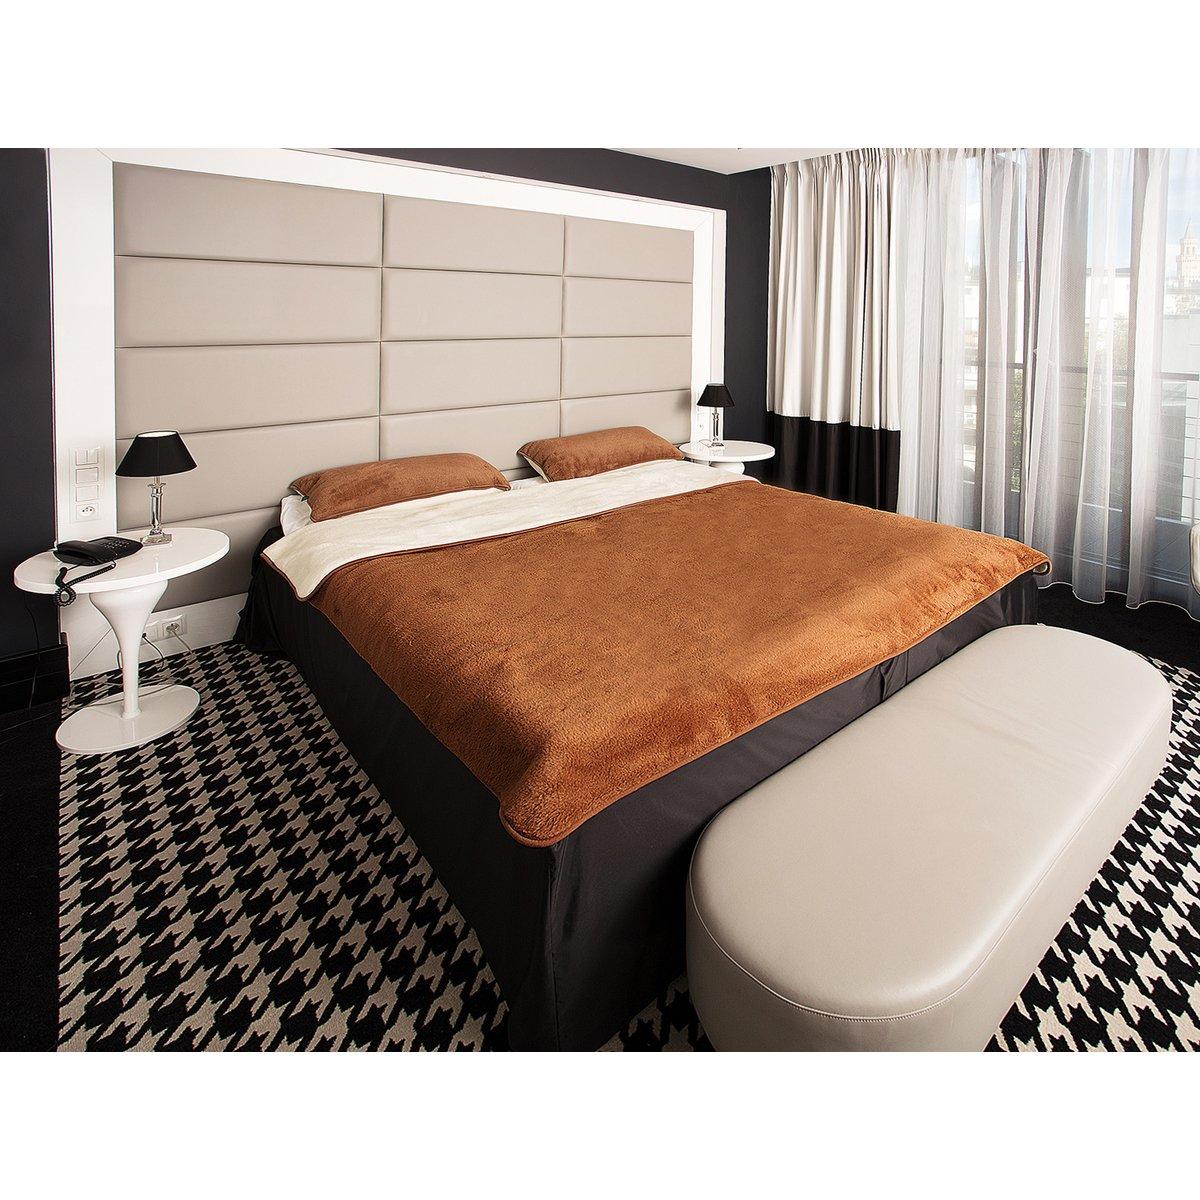 schafschurwolle bettdecke kissen schaf wolle decke schurwolle100 mer 149 90. Black Bedroom Furniture Sets. Home Design Ideas